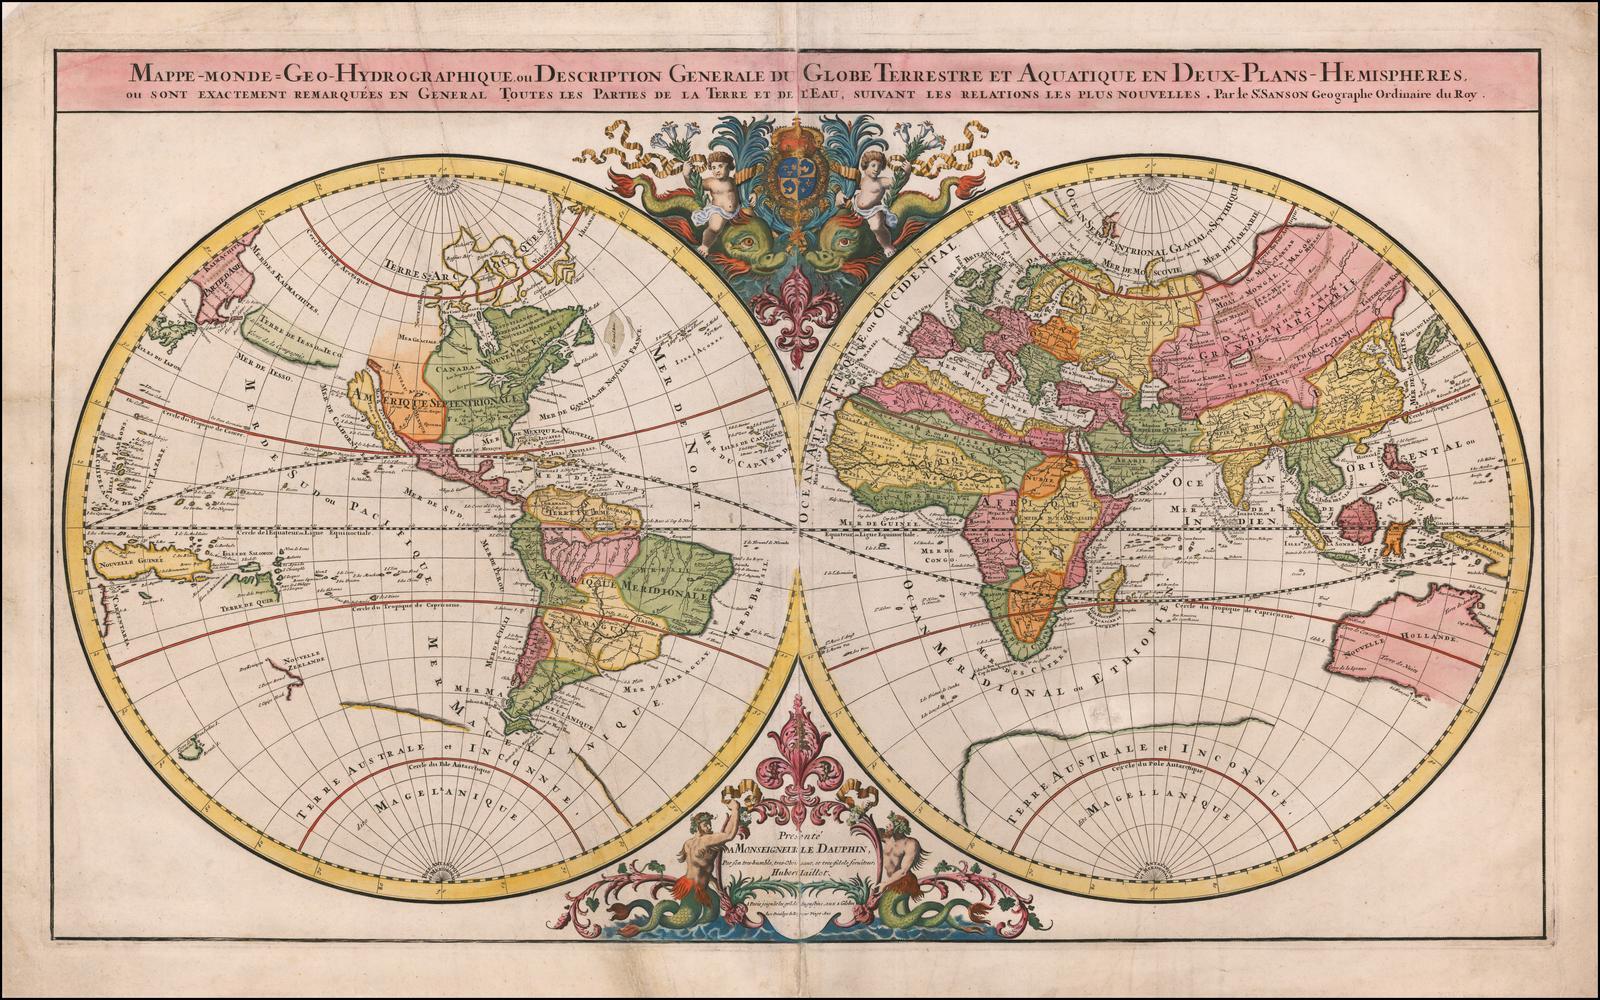 Элегантная двойная полусферическая карта мира, опубликованная Алексис-Хьюберт Джайлот, с последними открытиями и декоративными украшениями